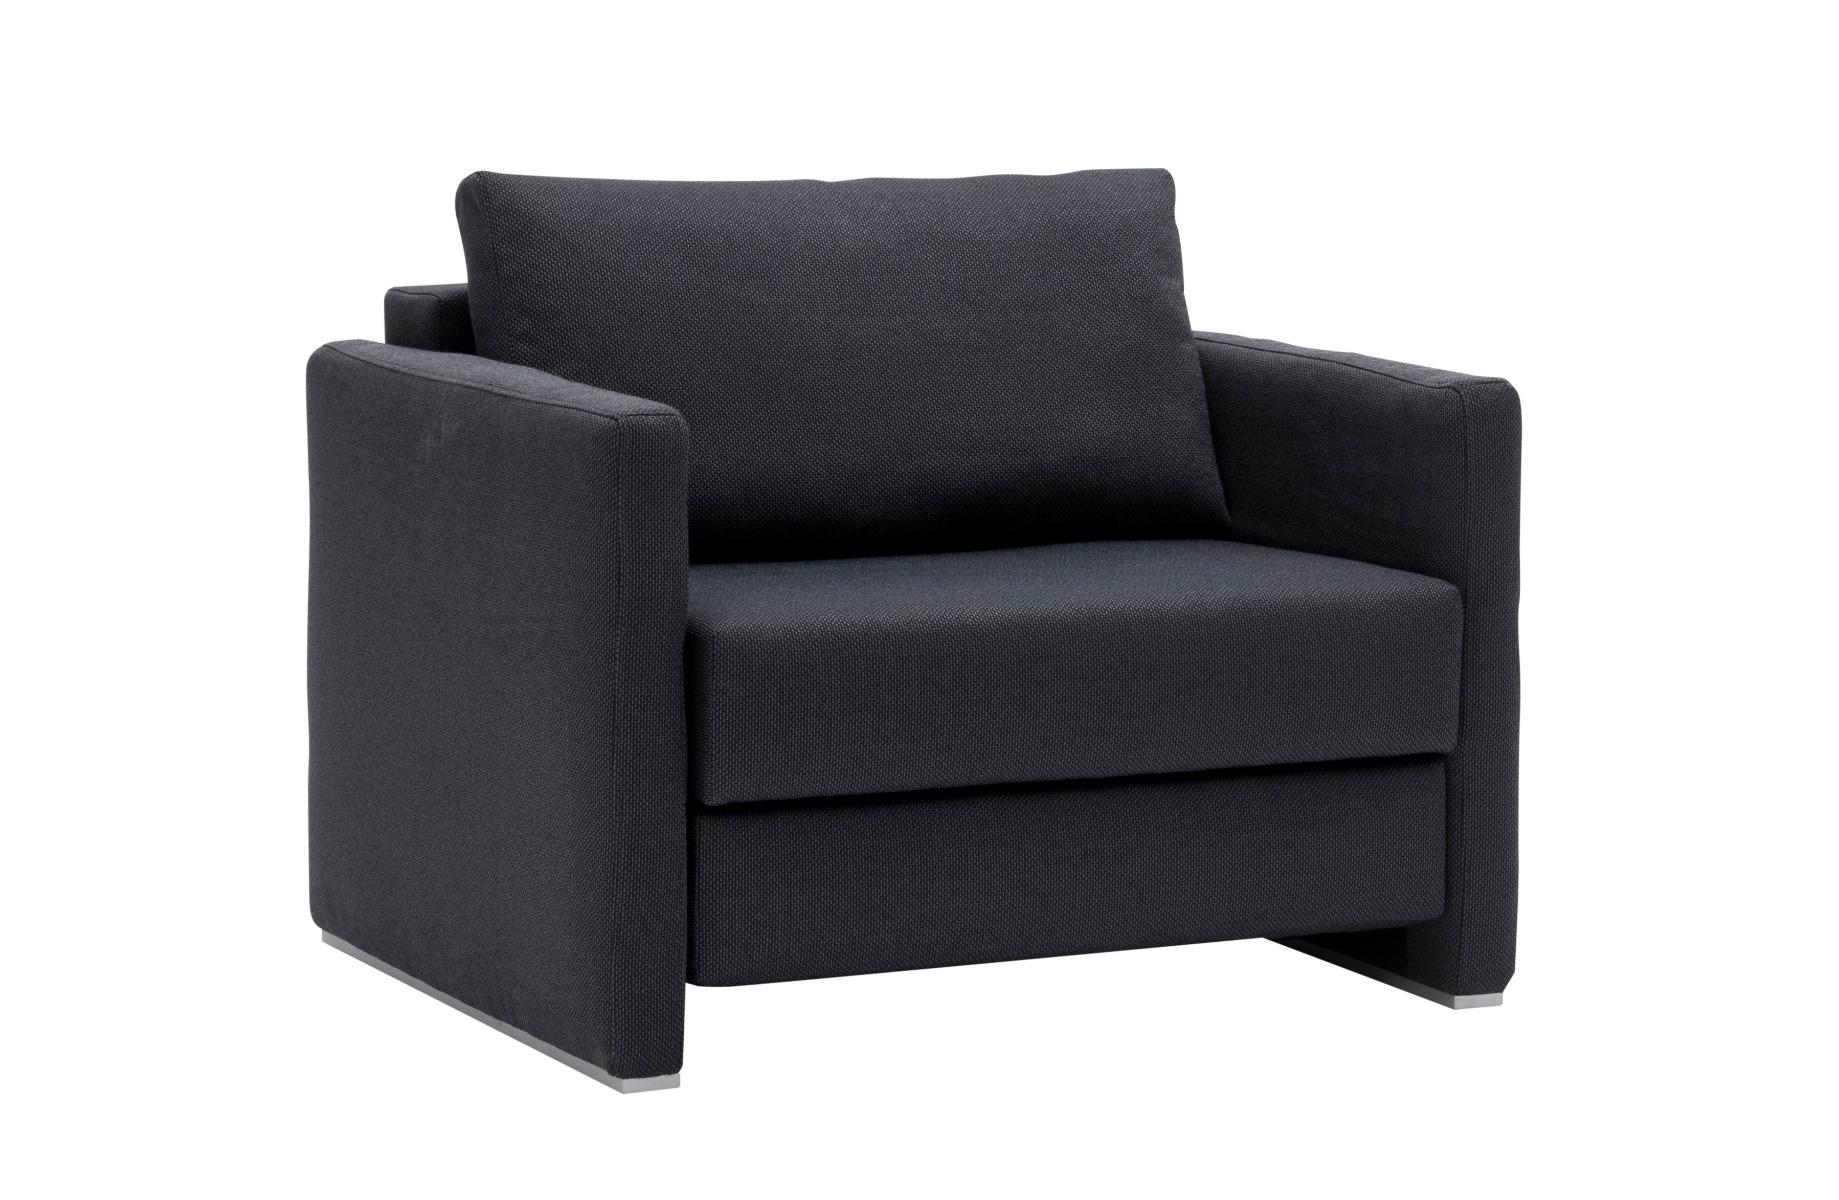 sessel franz fertig. Black Bedroom Furniture Sets. Home Design Ideas